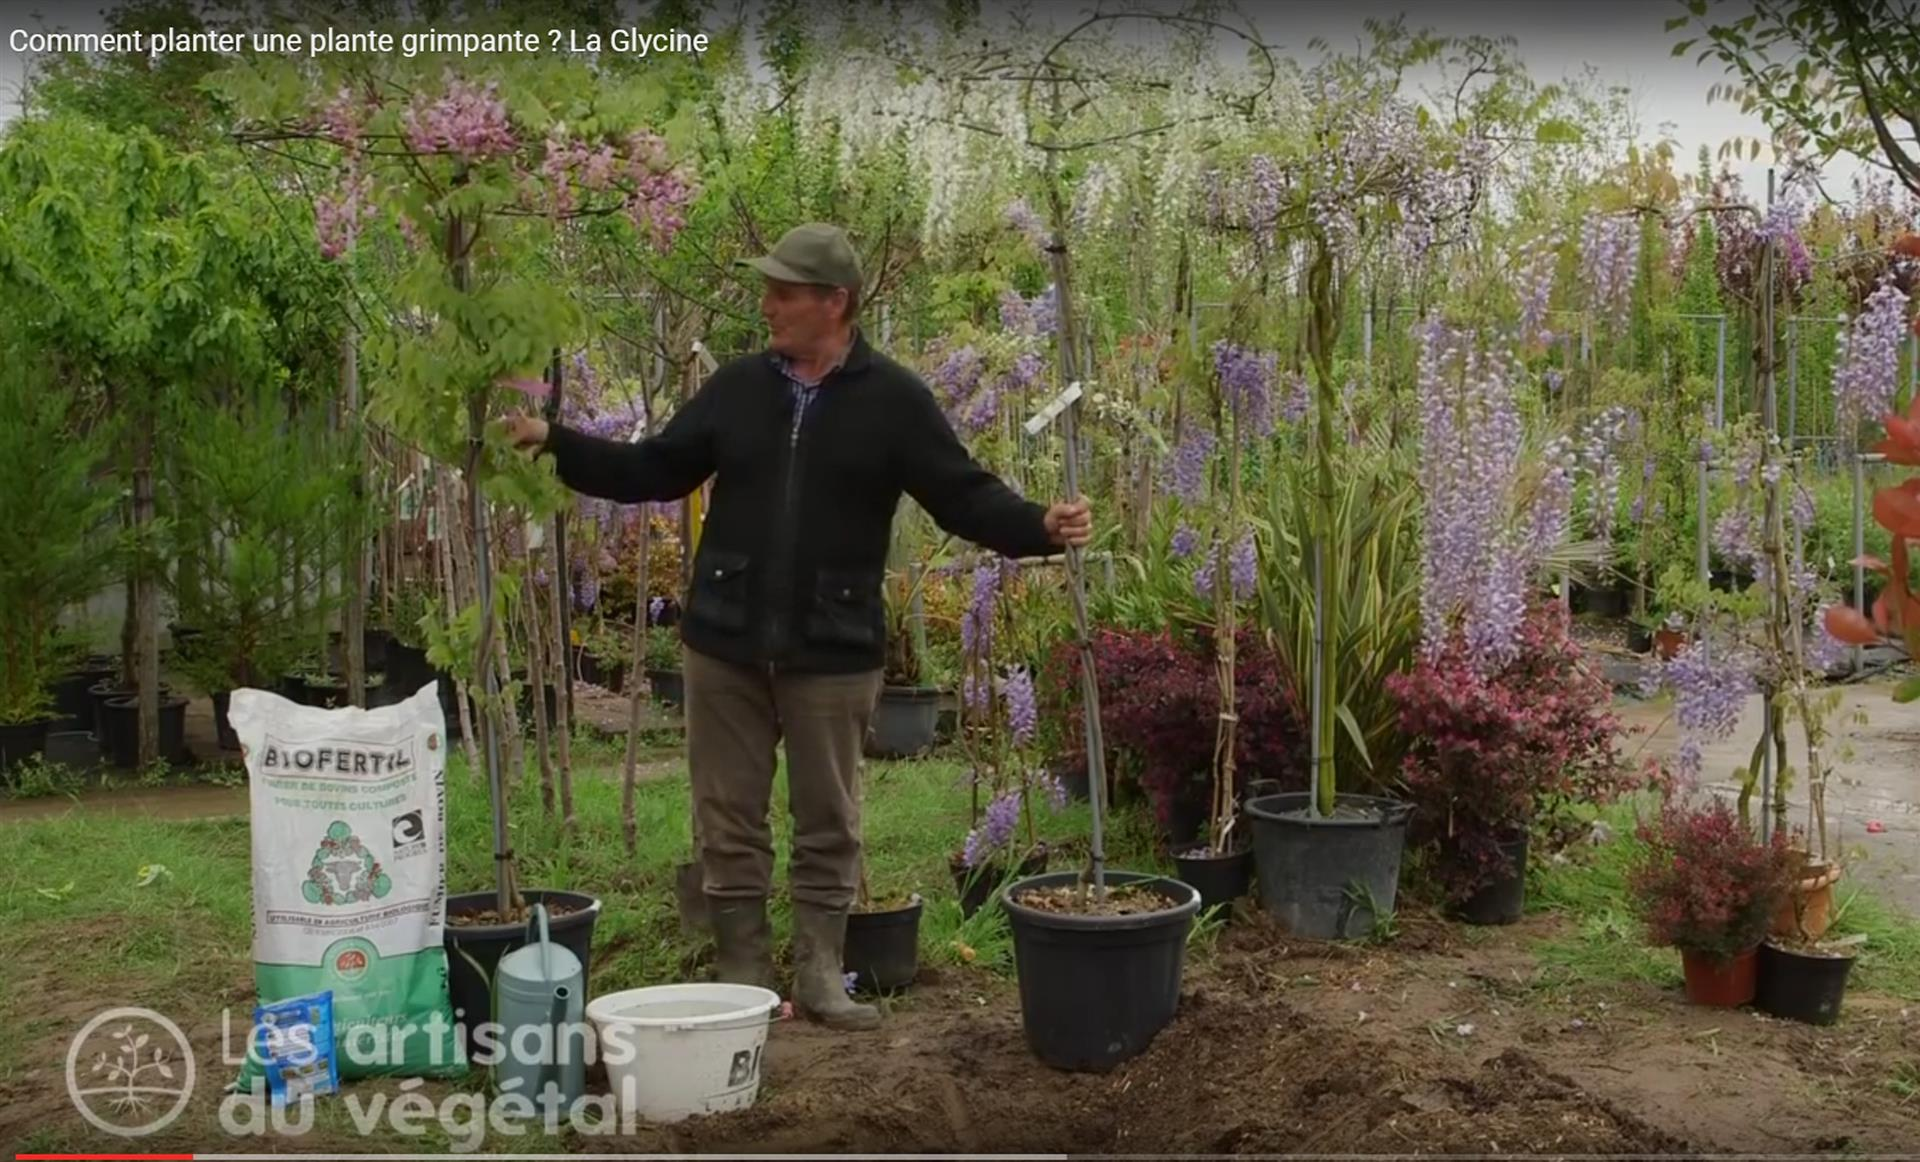 Comment planter une plante grimpante exemple de la glycine for Jardin 3 rivieres